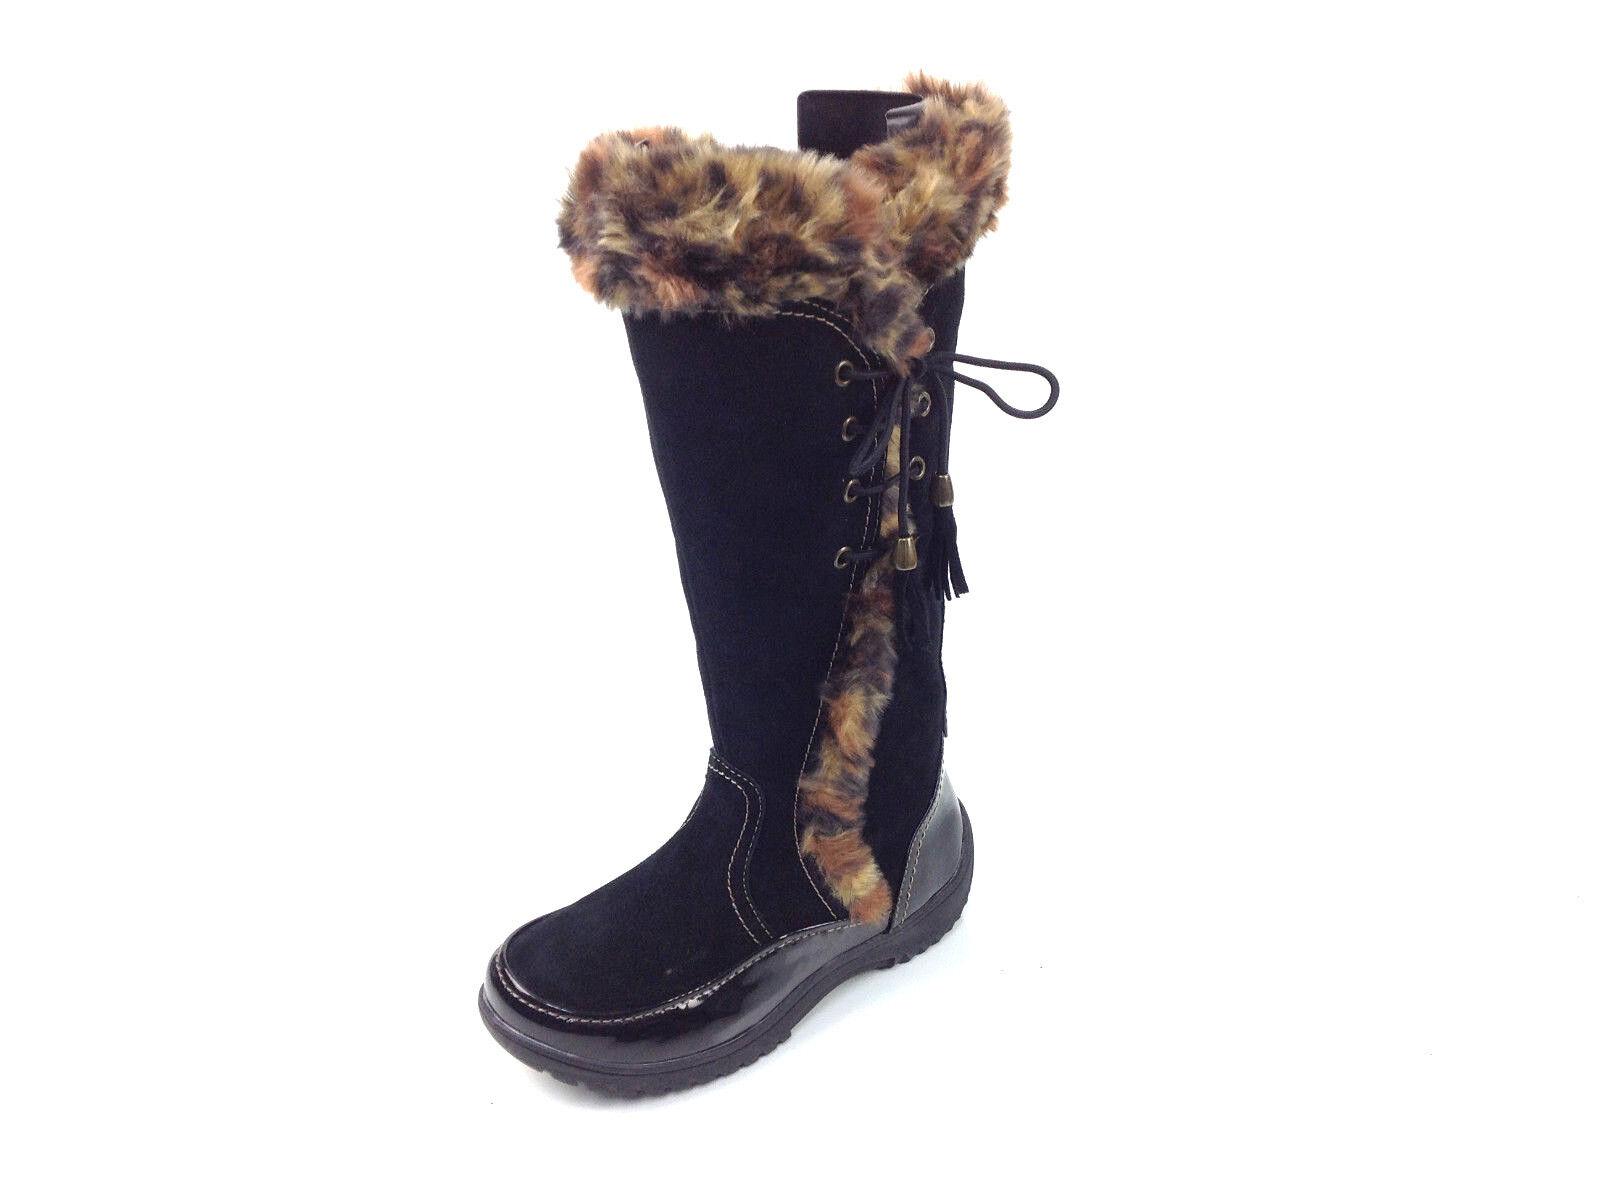 Sporto Waterproof Suede Tall Boot Side Winder Tassel Lace Up Black Leopard 7.5 M